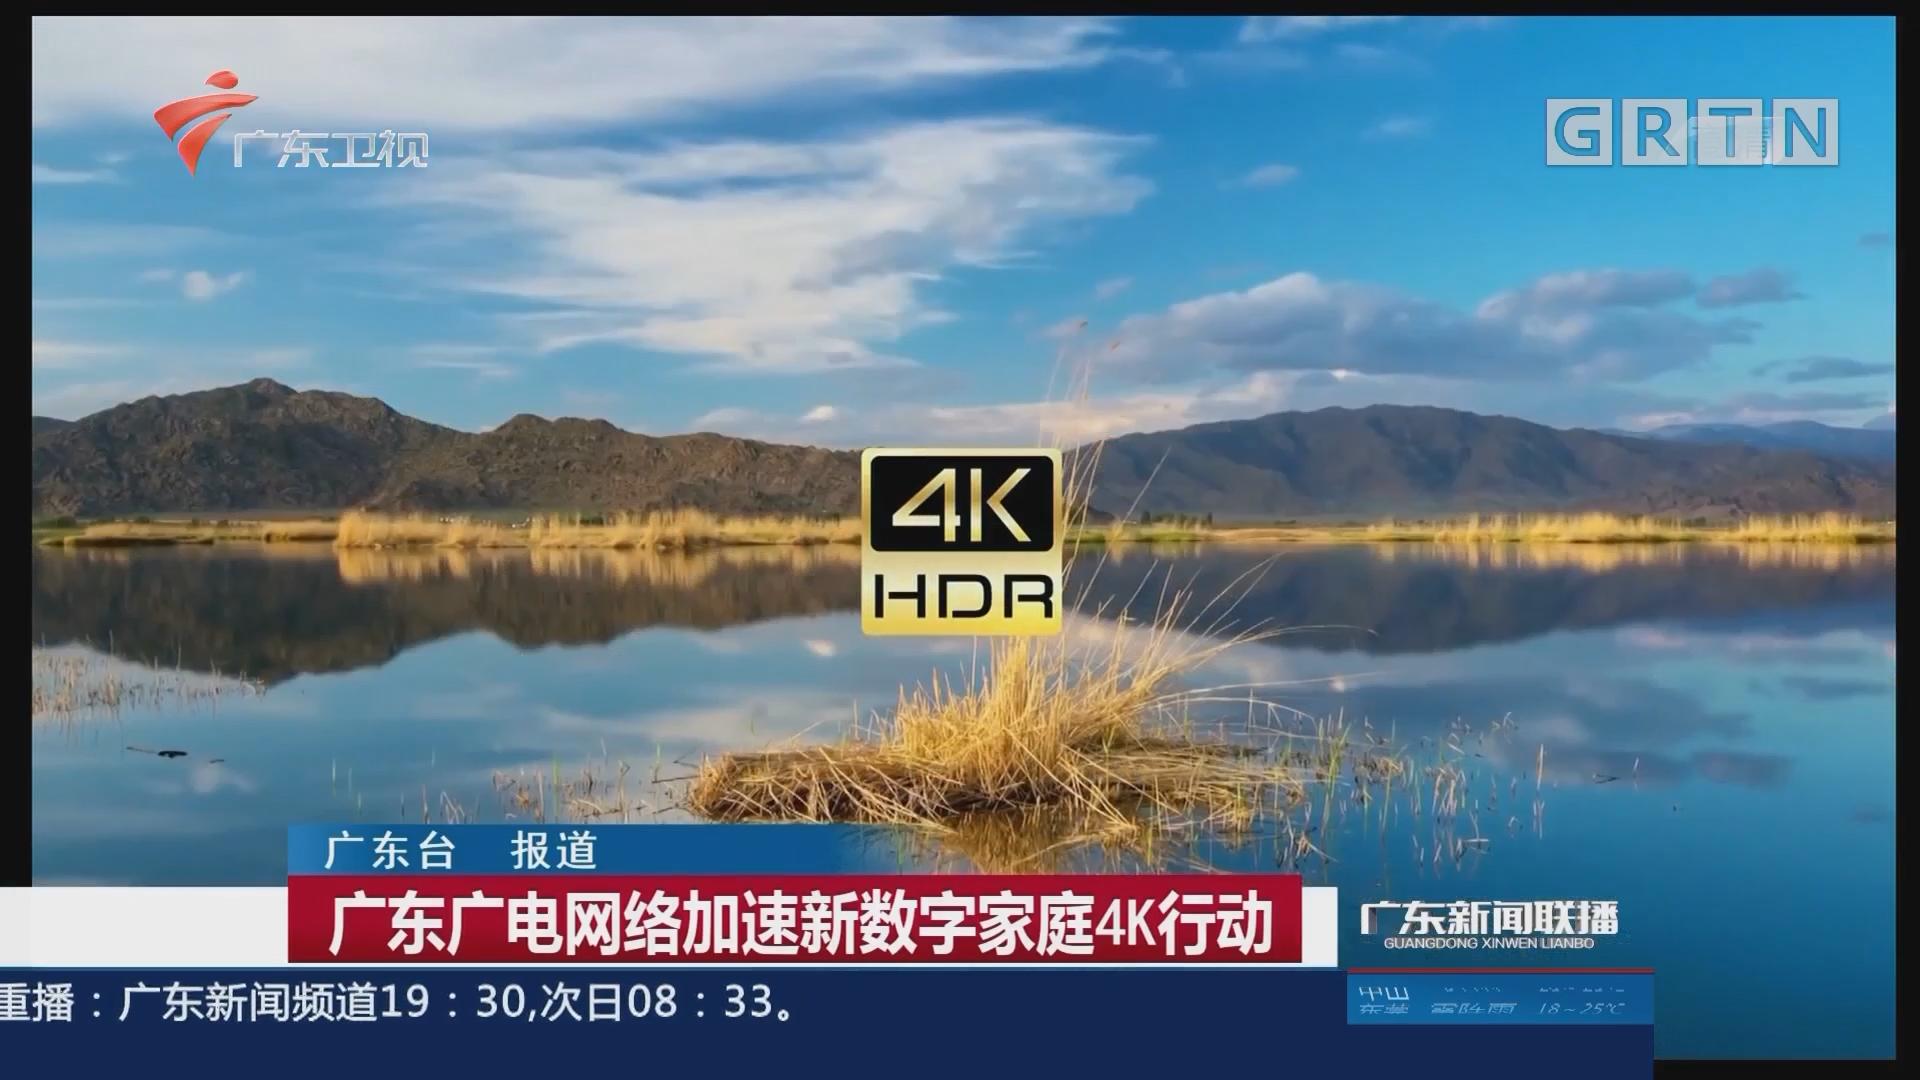 广东广电网络加速新数字家庭4K行动